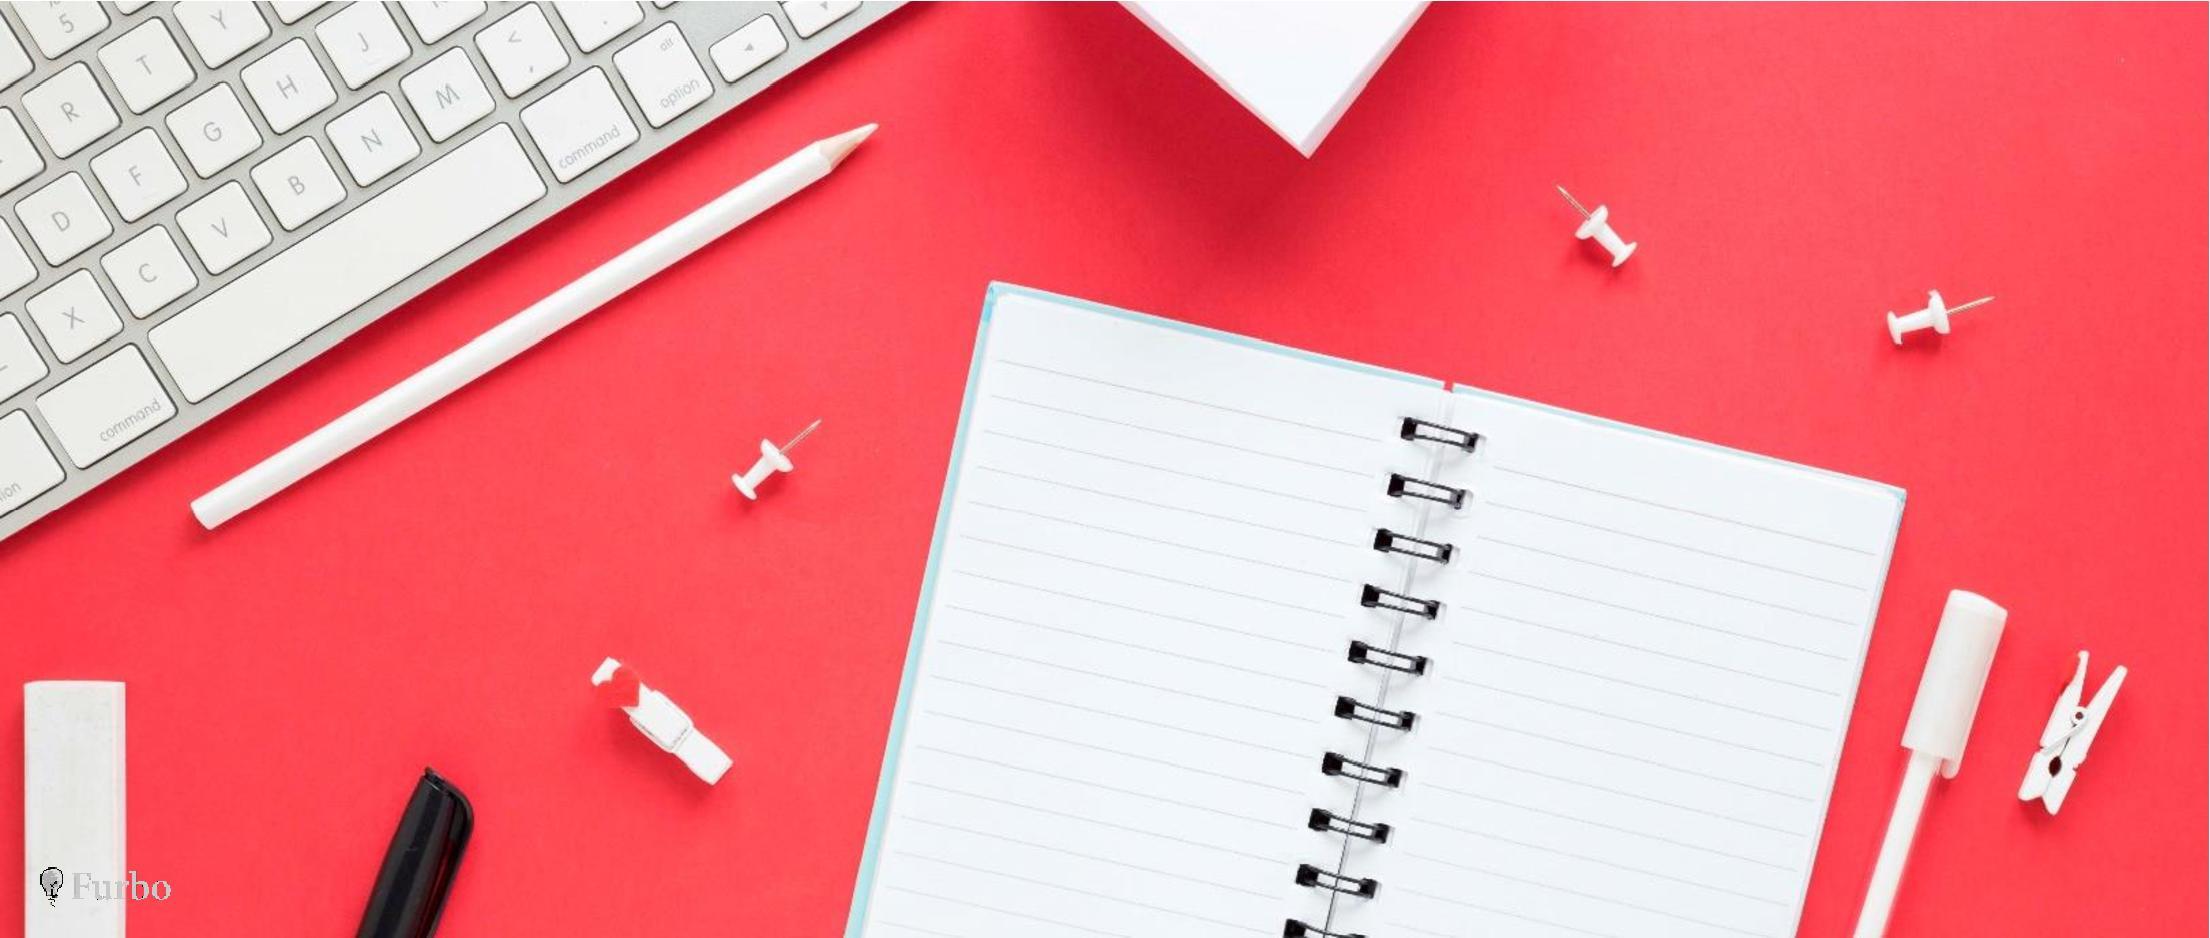 چگونه محتوا جامع و مقاله با کیفیت بنویسم؟